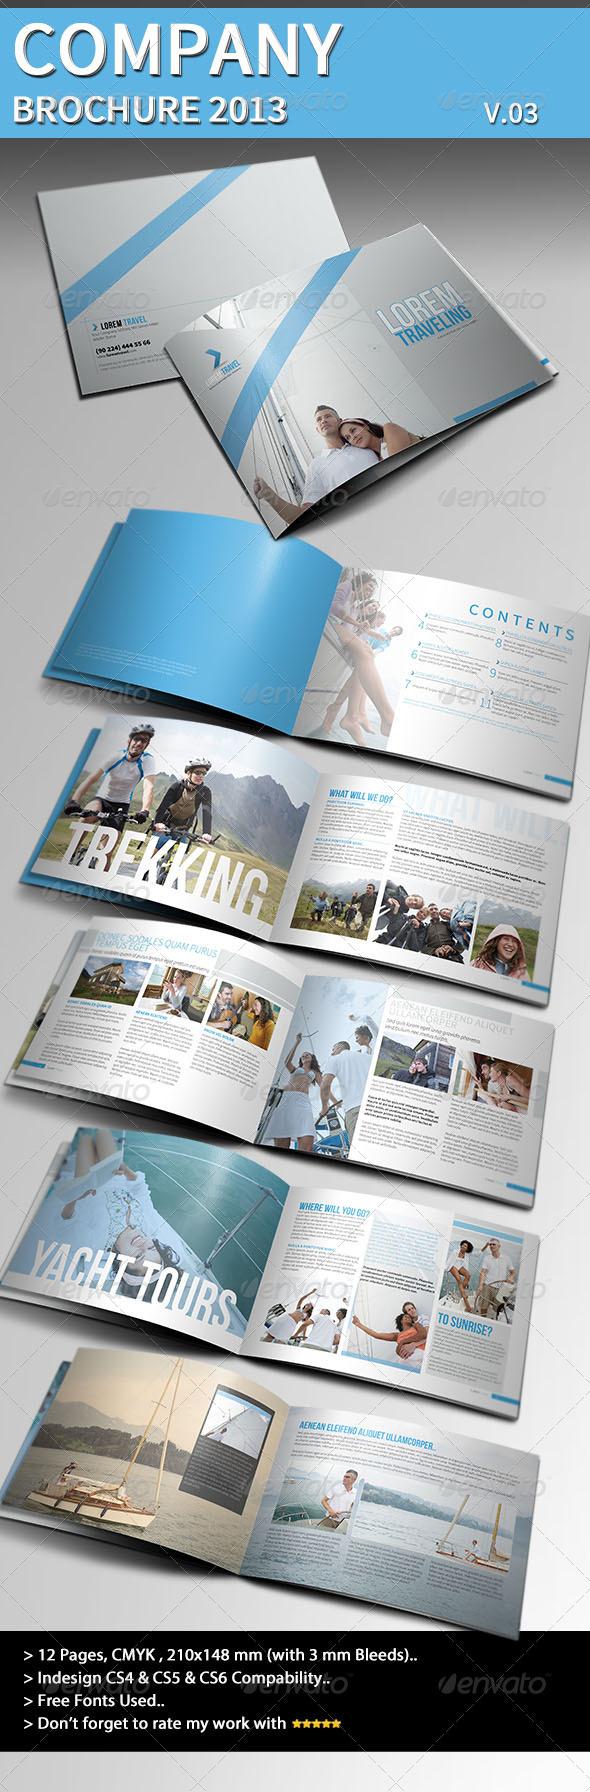 Company Brochure 2013 Part 03 - Brochures Print Templates